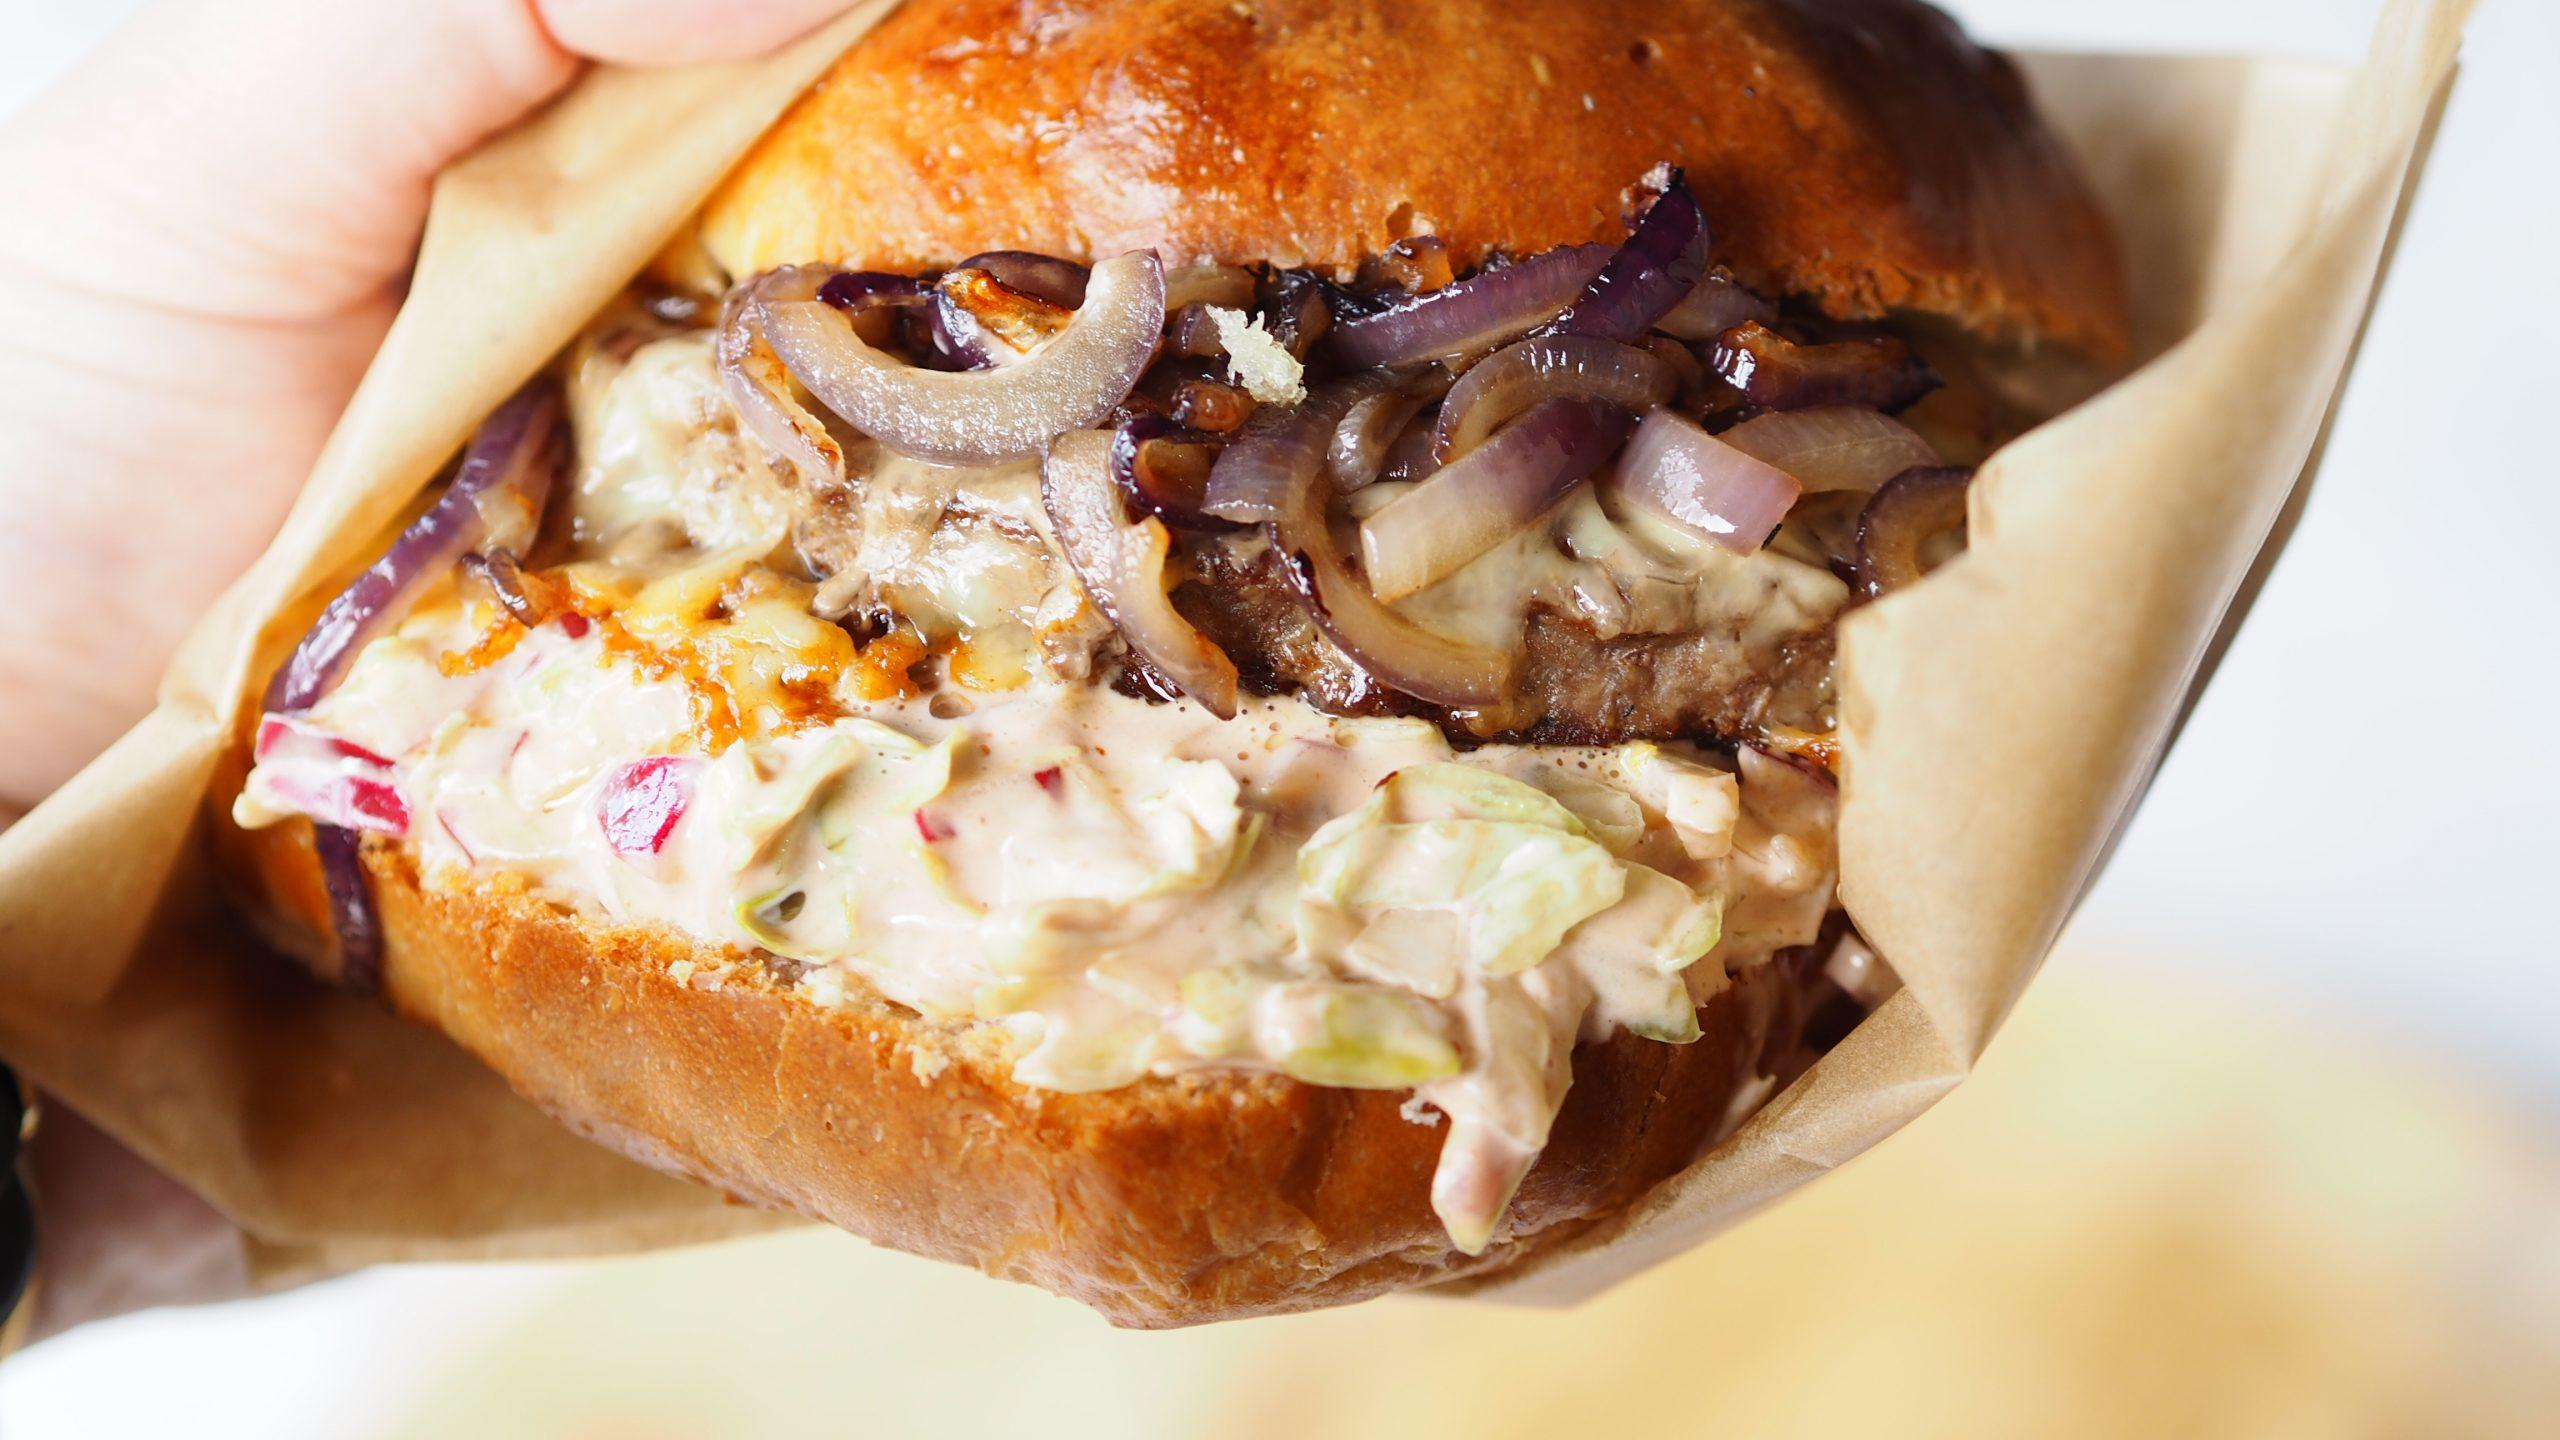 Jamie's Insanity Burger met Angus burger van The Frozen Butcher (fastfood friday)